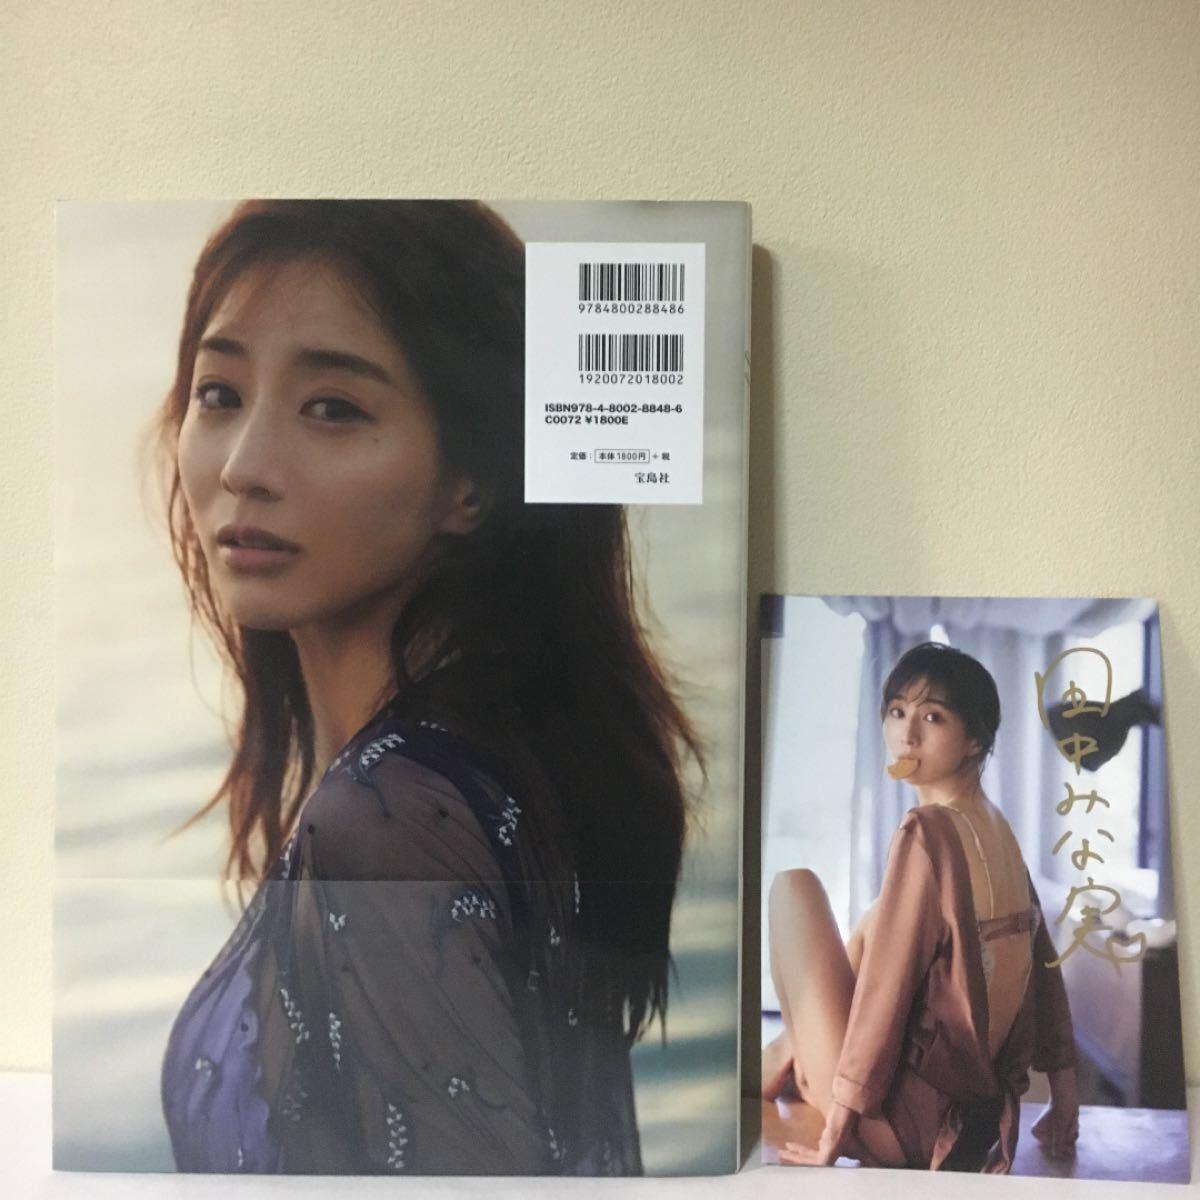 田中みな実さん 写真集 サイン入りポストカード付き